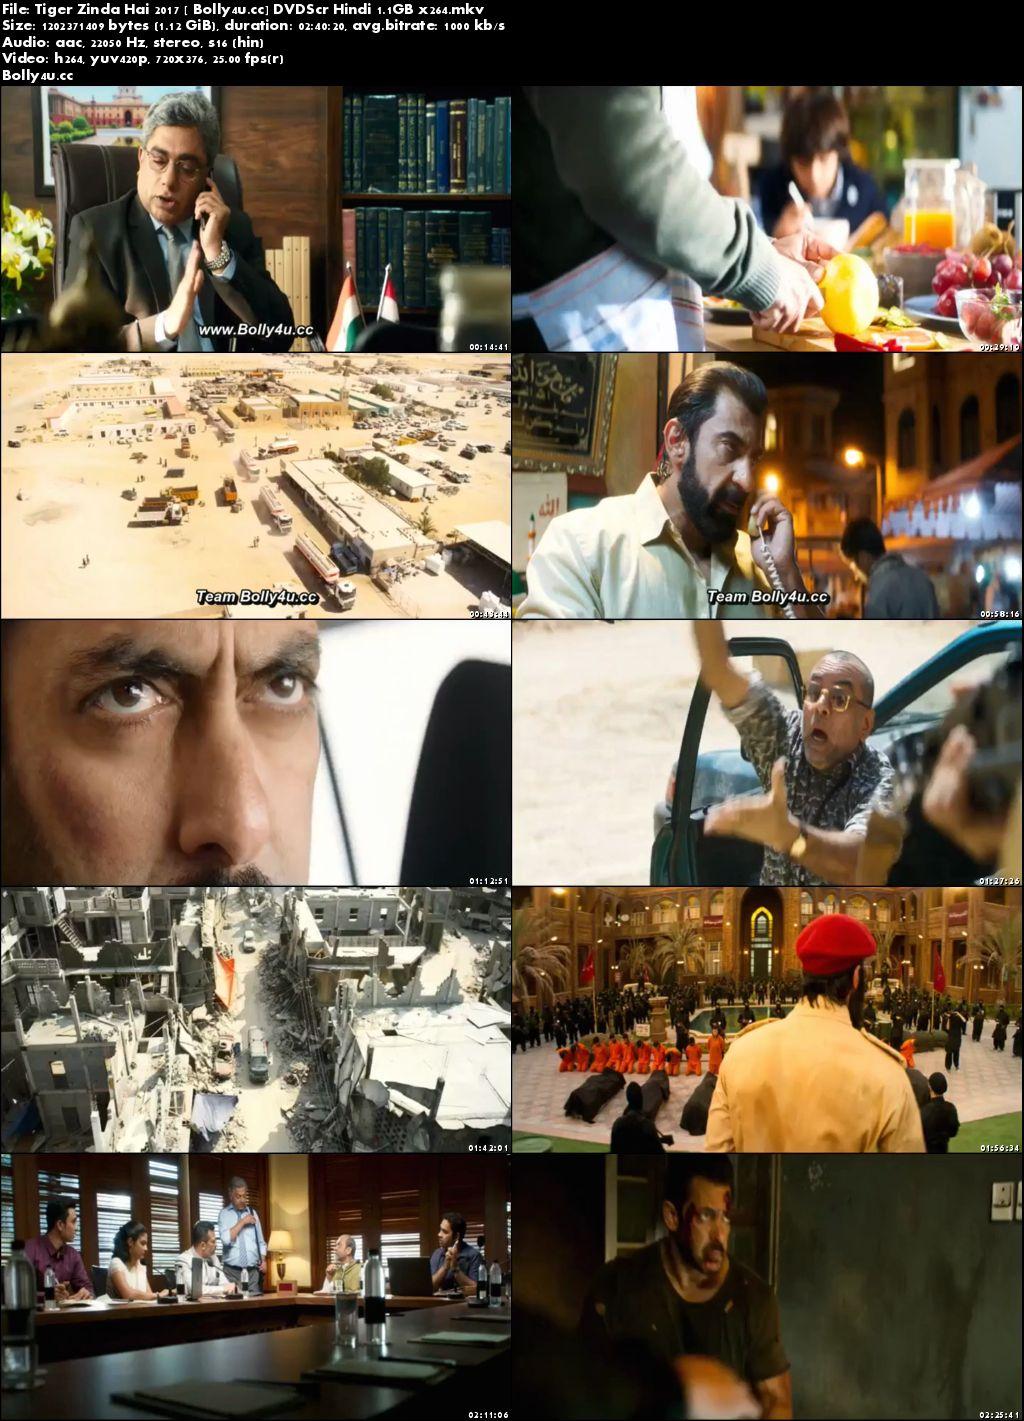 Tiger Zinda Hai 2017 DVDScr Full Hindi Movie Download Hd x264